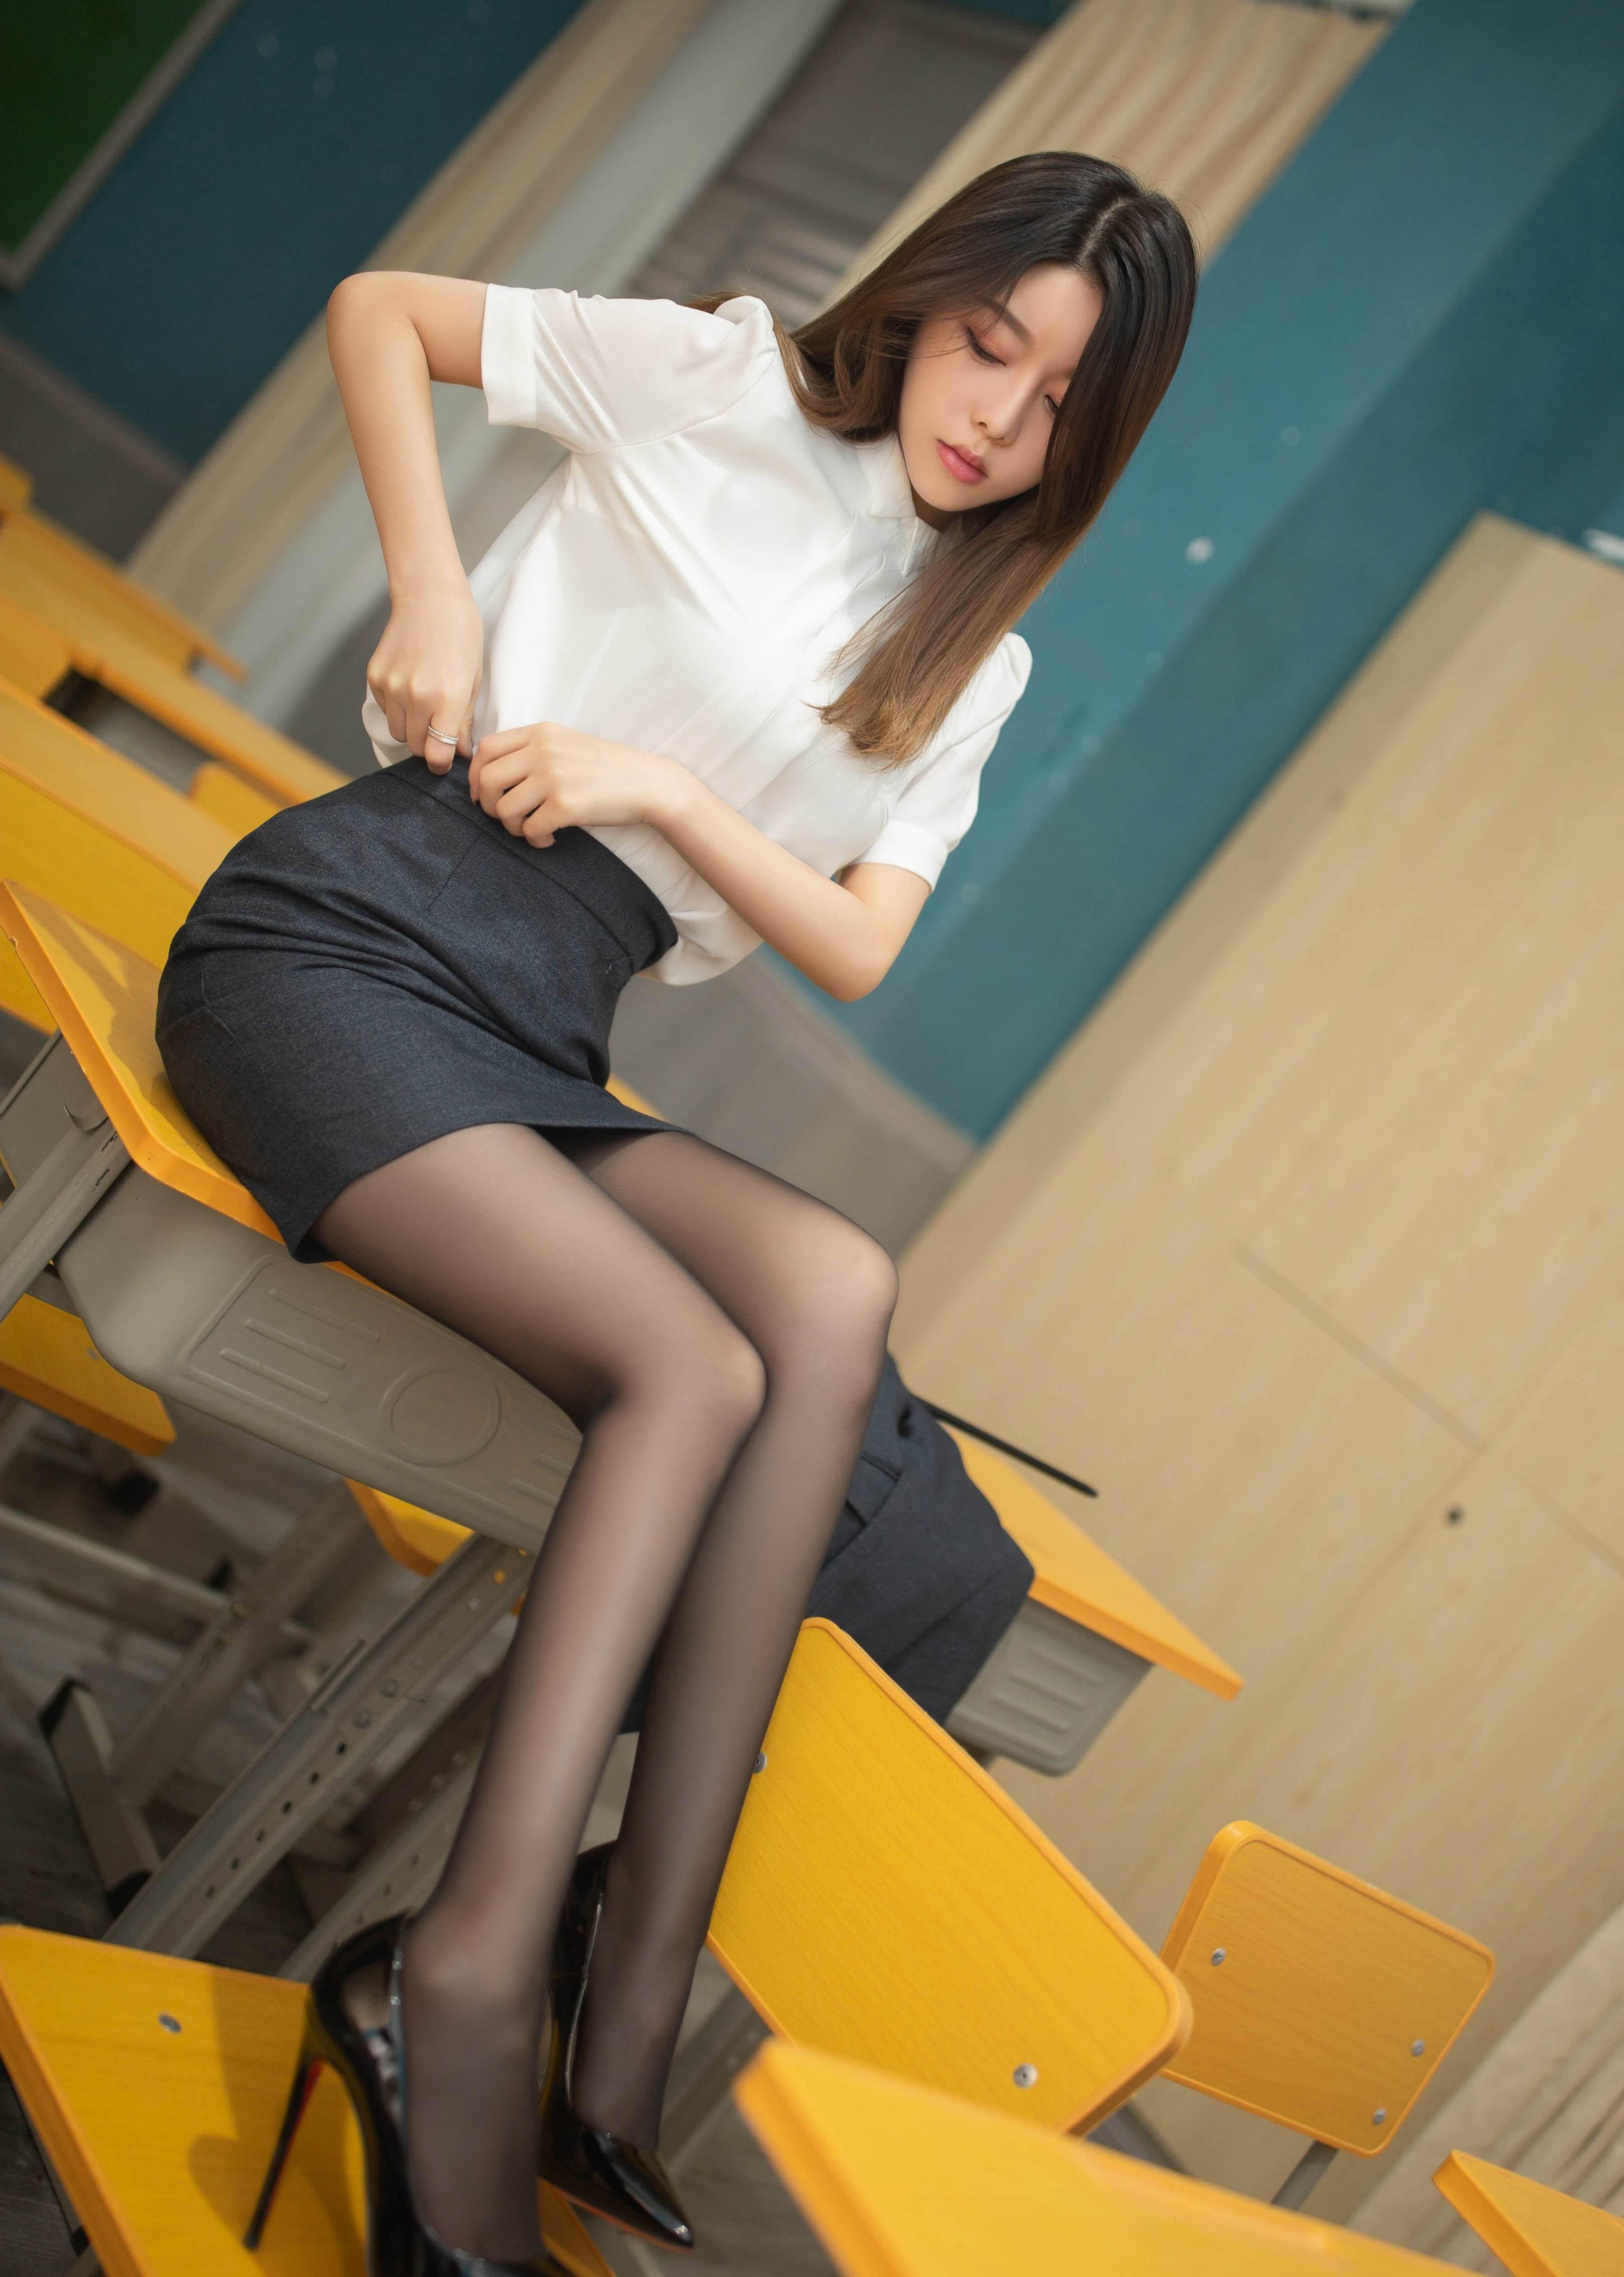 第2期黑丝职业装套图写真夏诗诗_图片6